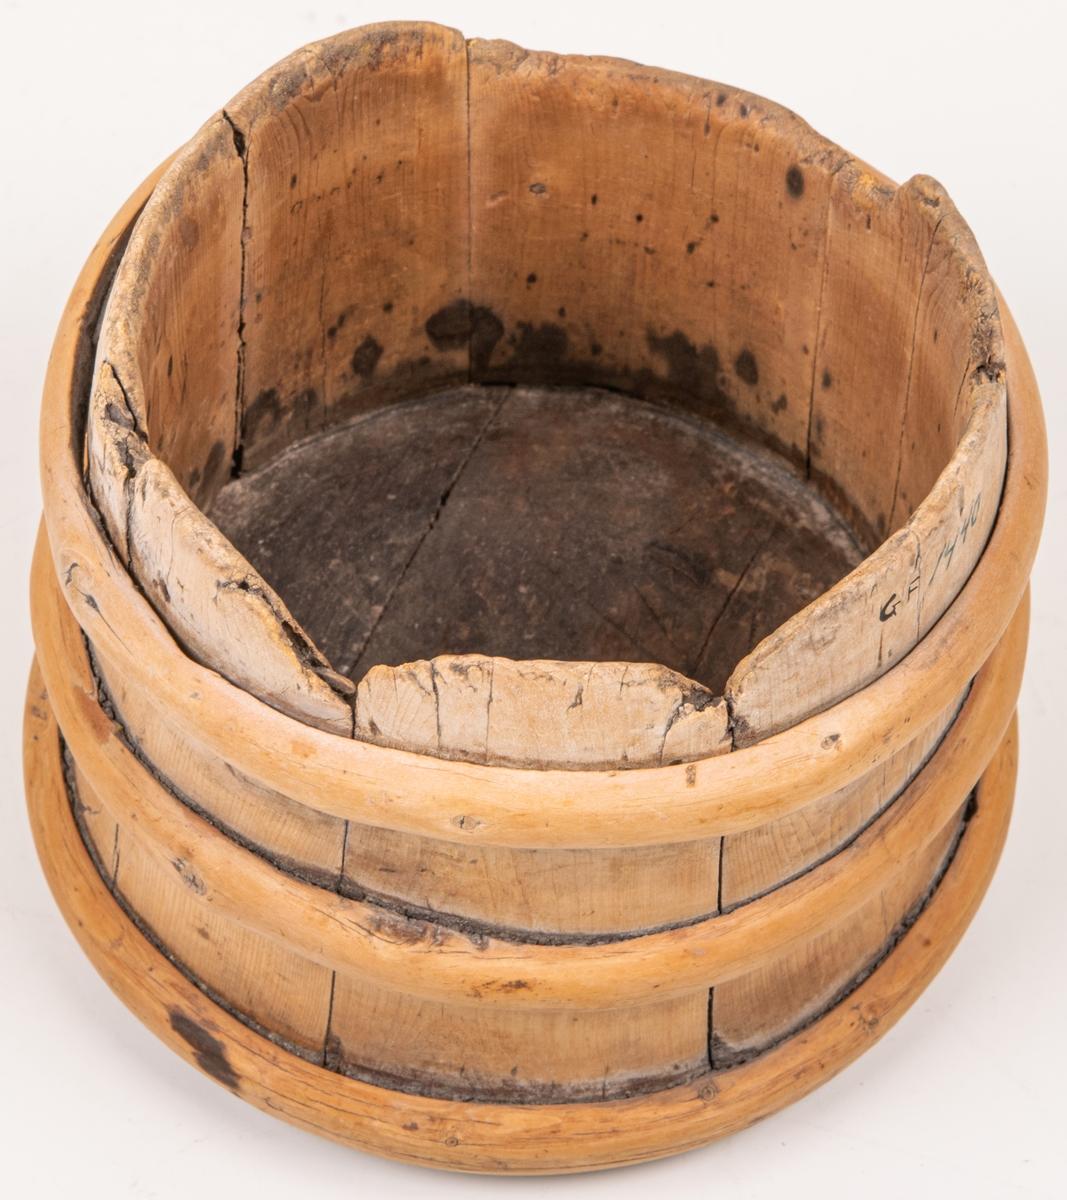 Litet laggkärl av enträ utan lock, med tre band. Märkt i botten 1674, m.m.